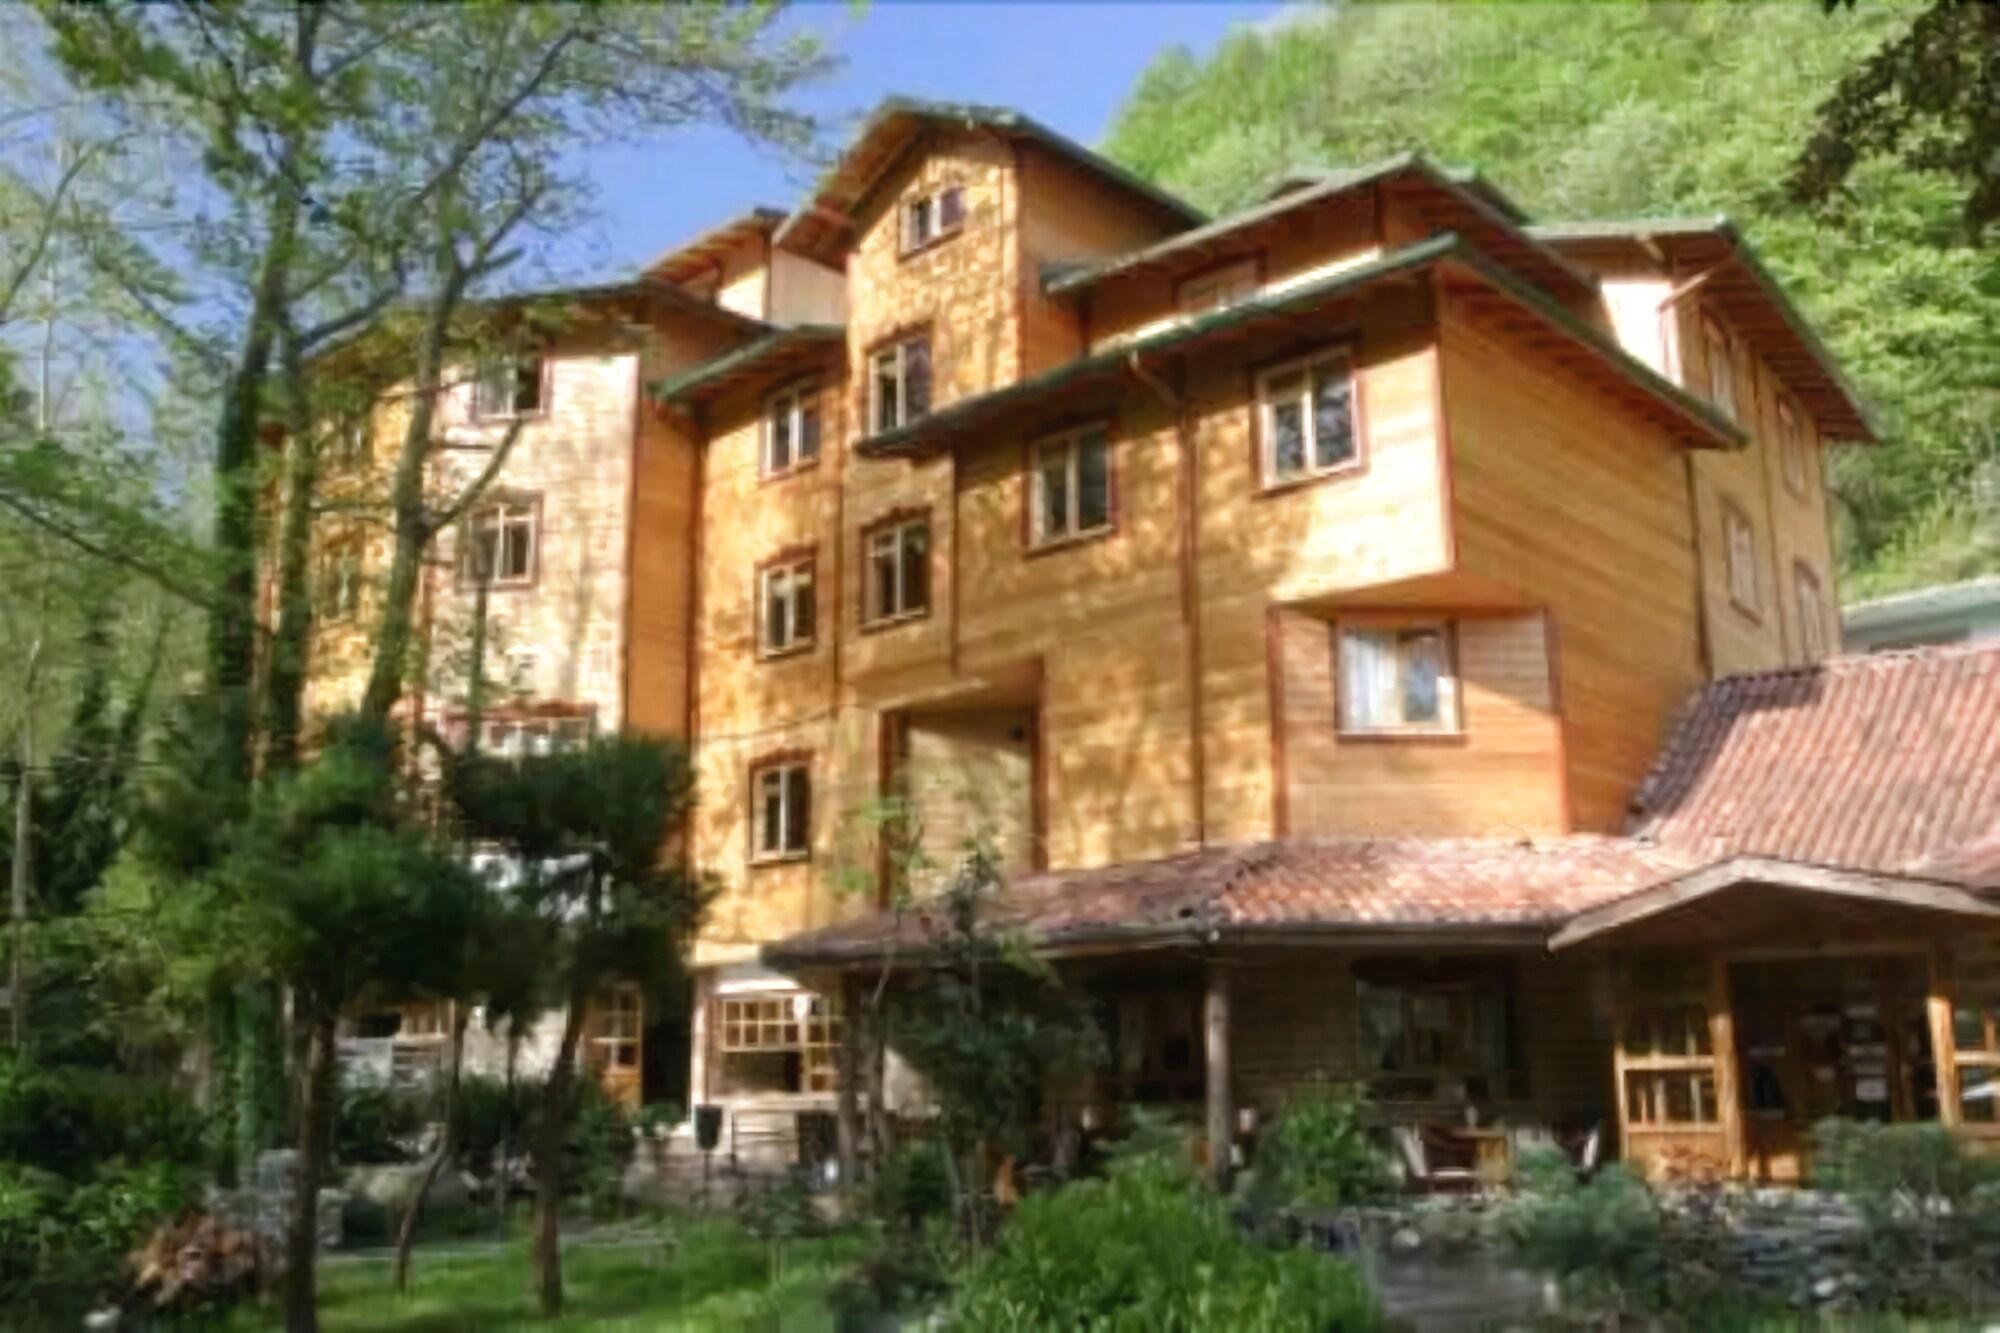 Yazicilar Hotel & Restaurant, Makşukiye, Turkey - Compare Deals